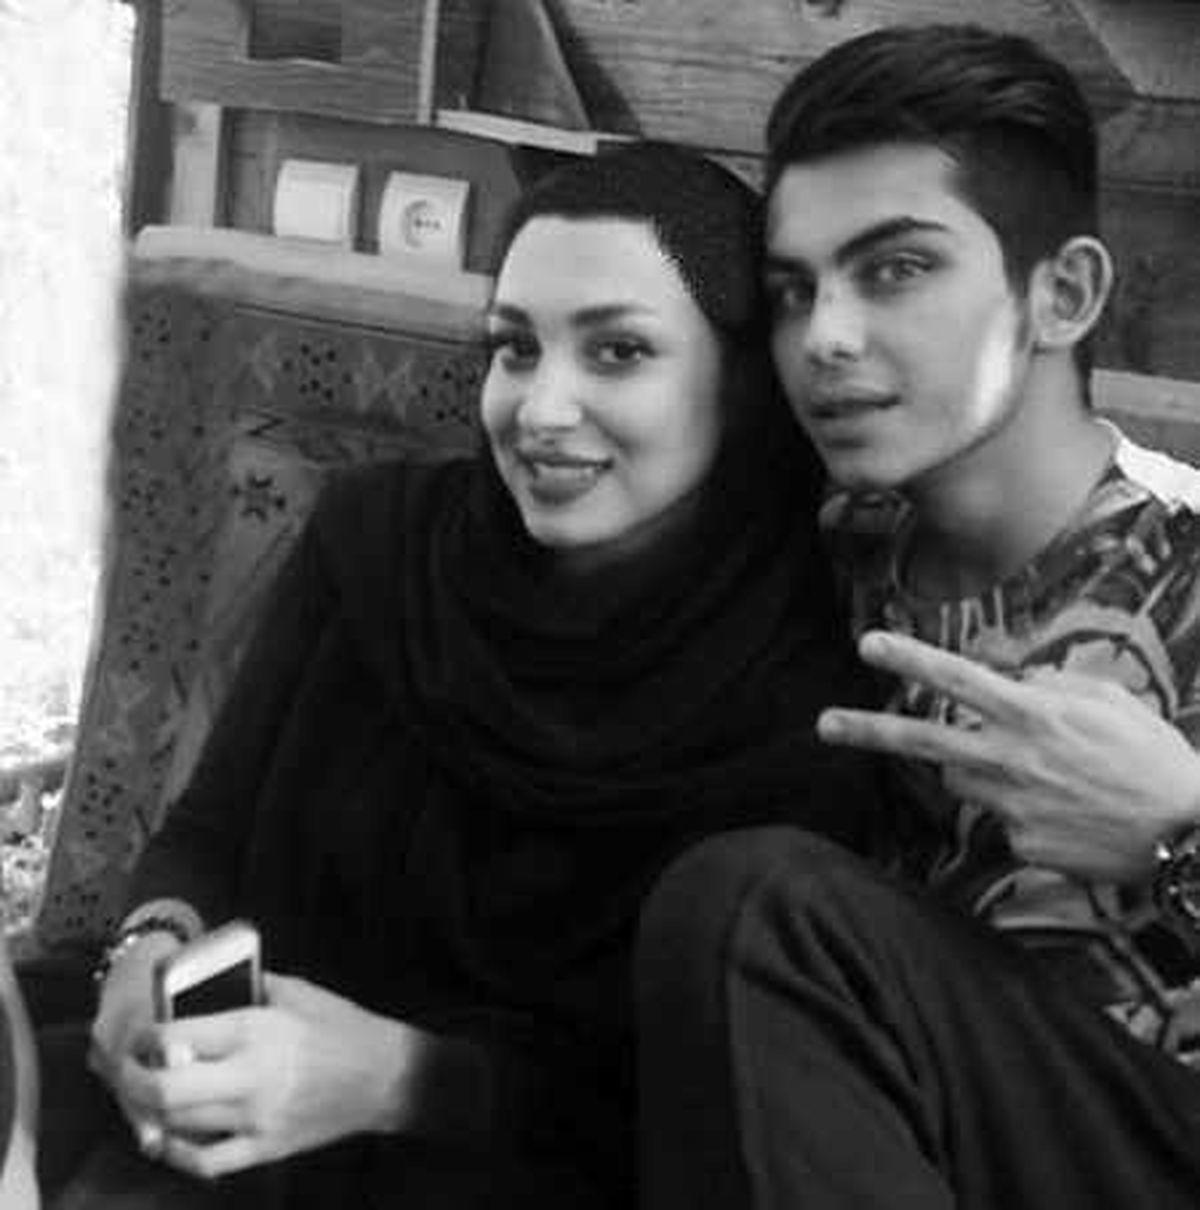 عکس های جنجالی ارسلان قاسمی و همسرش + بیوگرافی و عکس